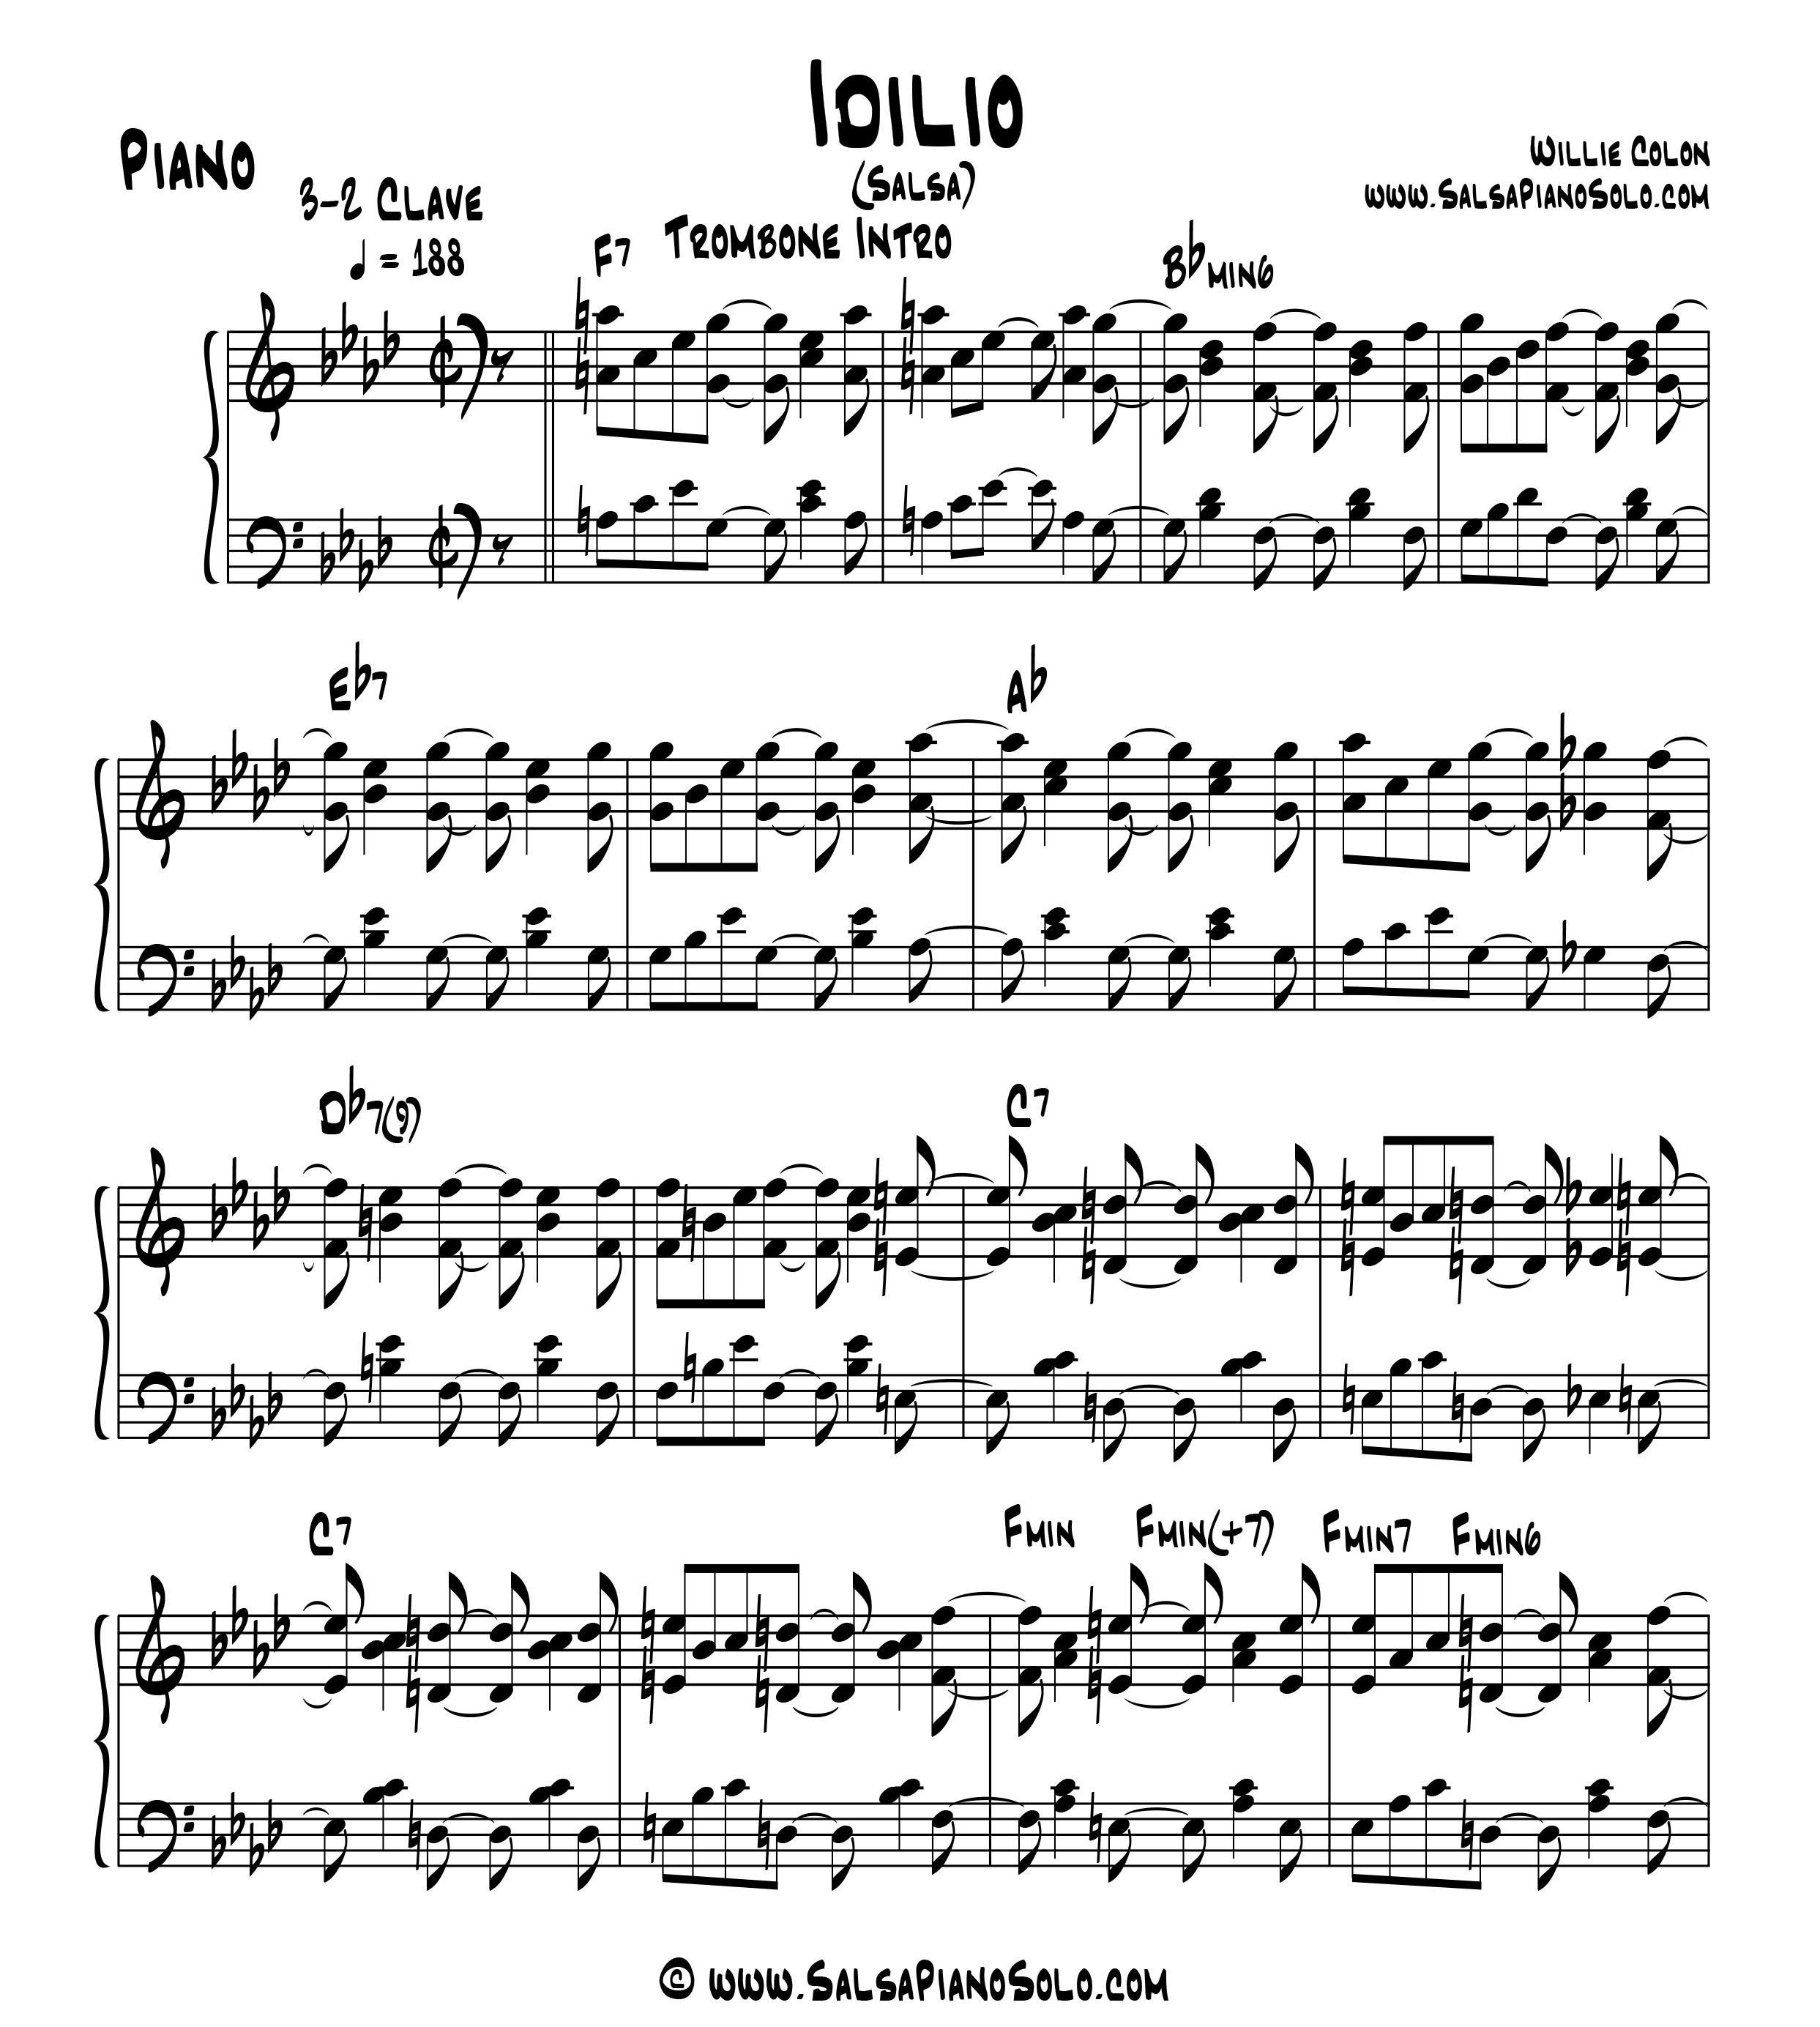 Salsa piano montuno piano montuno patterns timba albeniz quintana salsa piano solo salsa piano montuno salsa bass tumbao latin hexwebz Choice Image